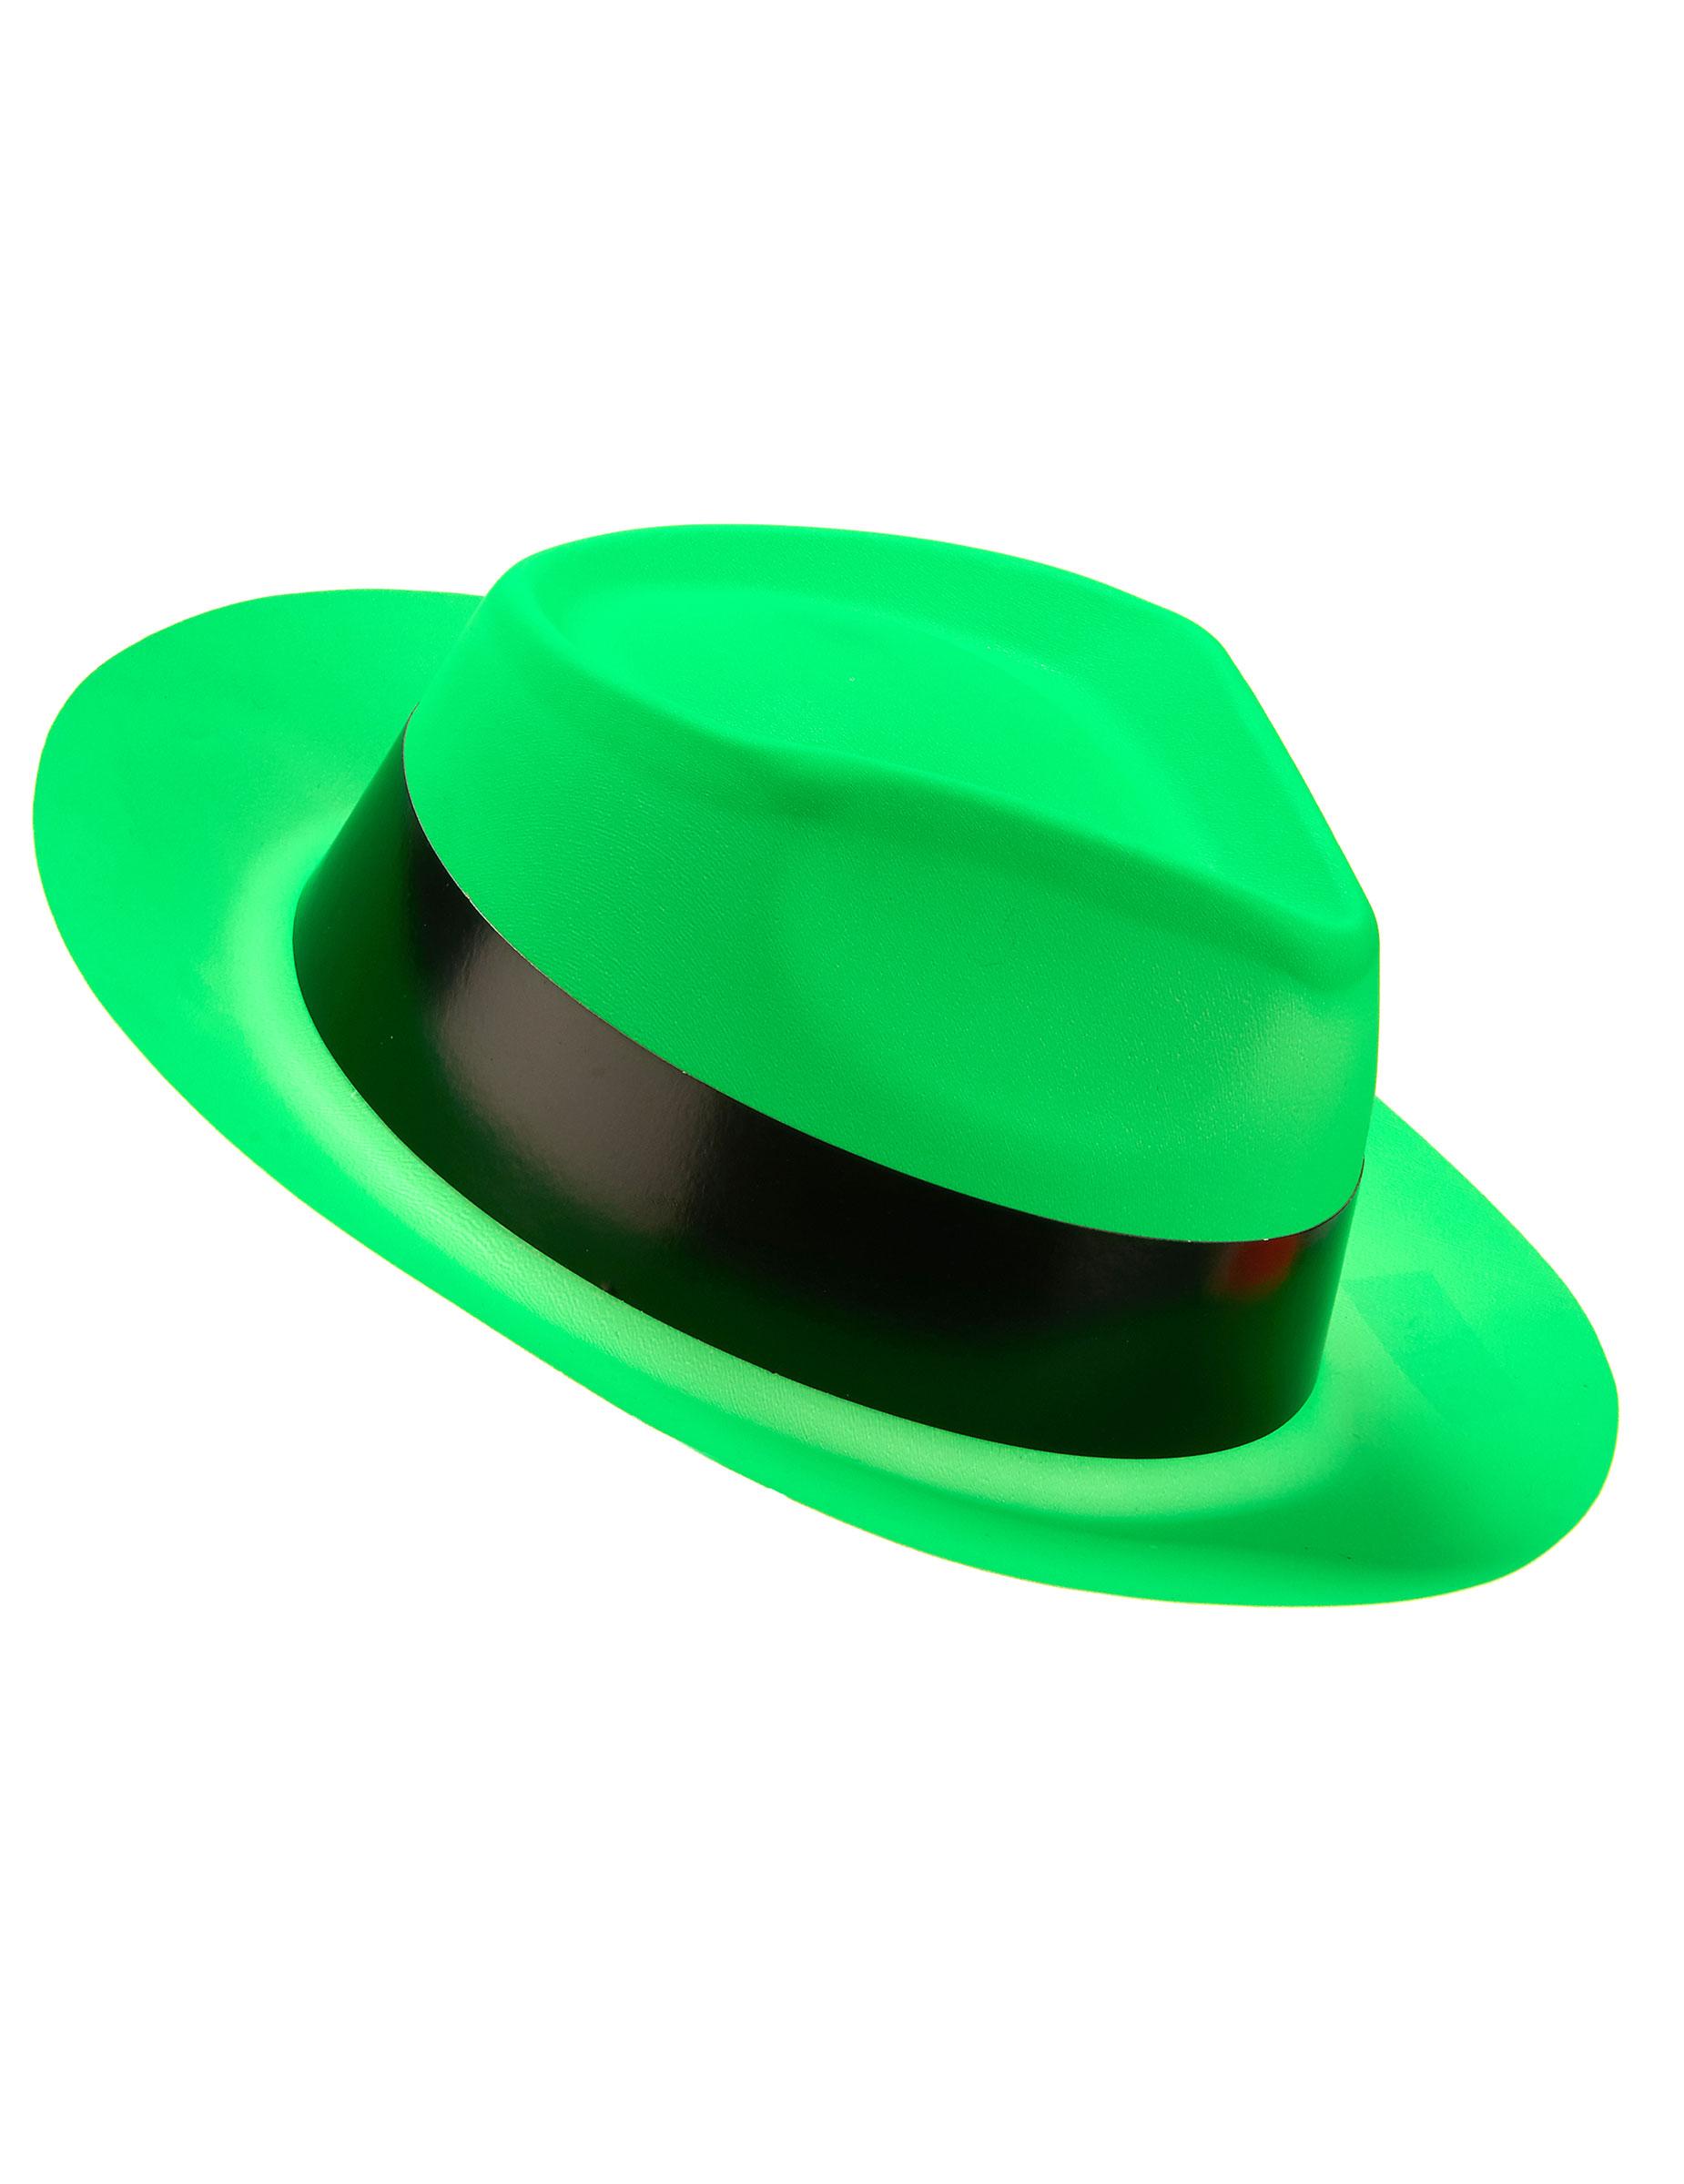 0e81b80e9ecf0 Sombreros y gorros de San Patricio para adultos y niños - Sombreros ...